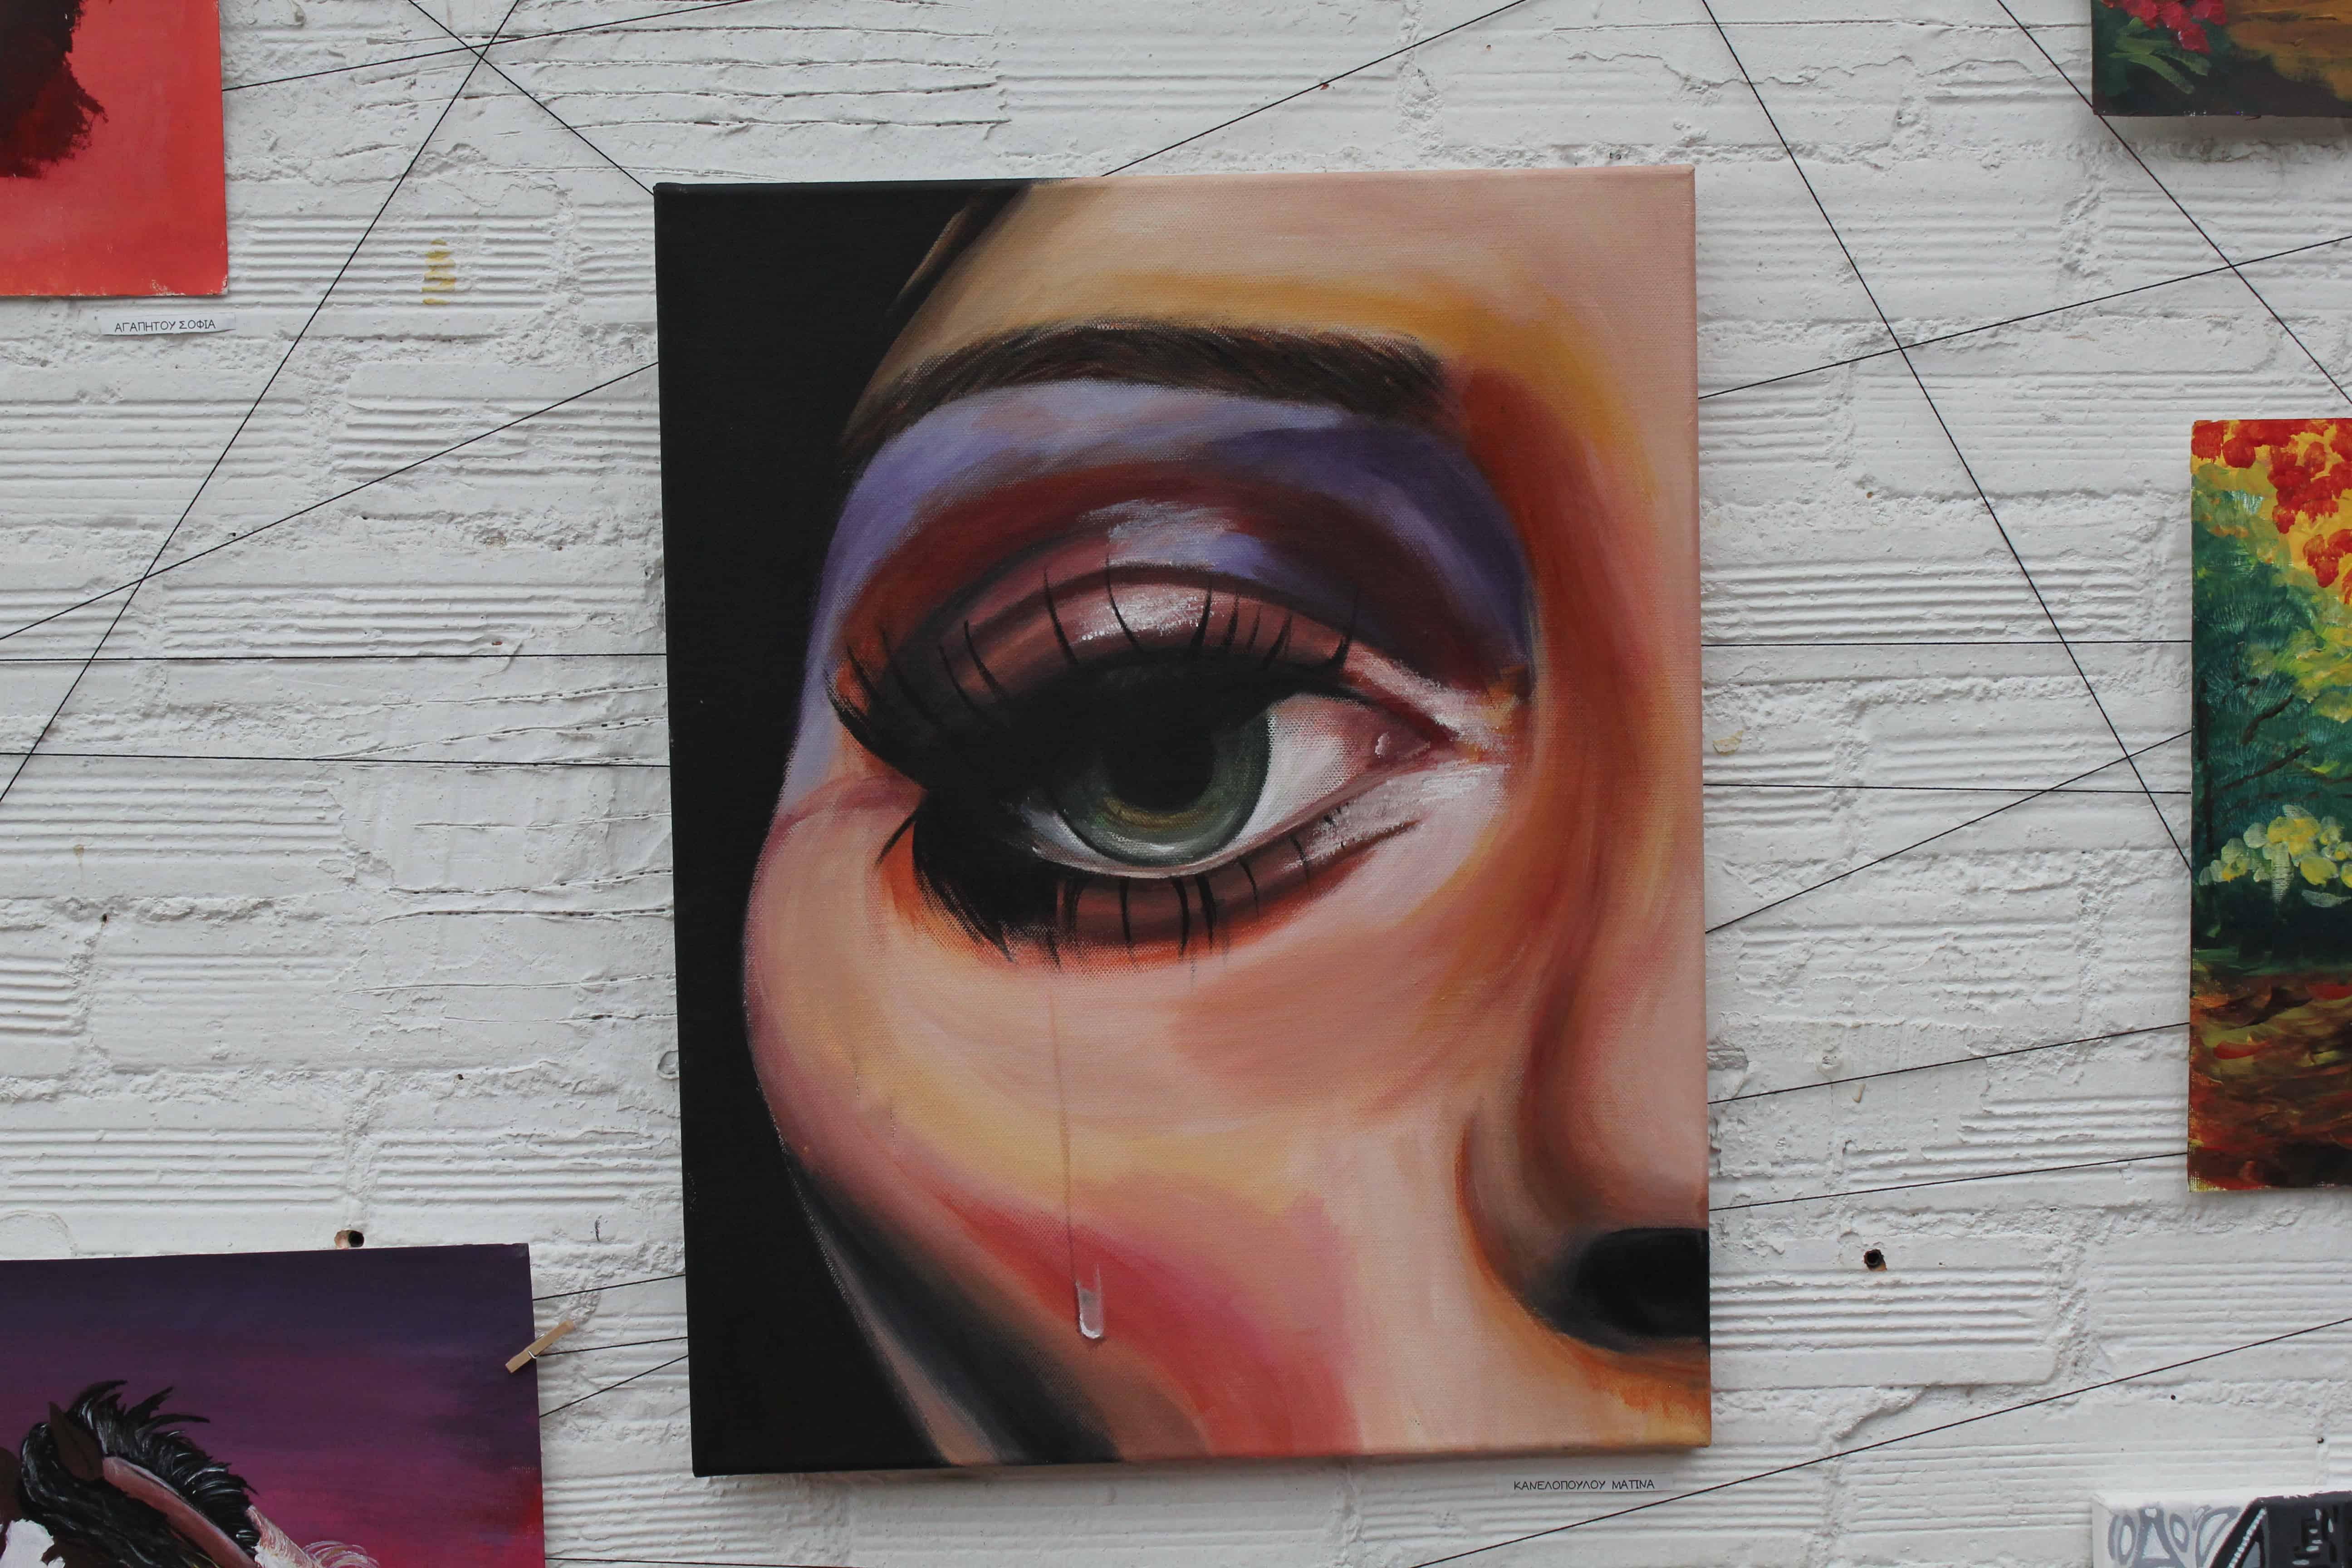 Το Σπίρτο: Καλλιτεχνικό εργαστήρι για μουσική, εικαστικά και μοντέρνες τέχνες 6